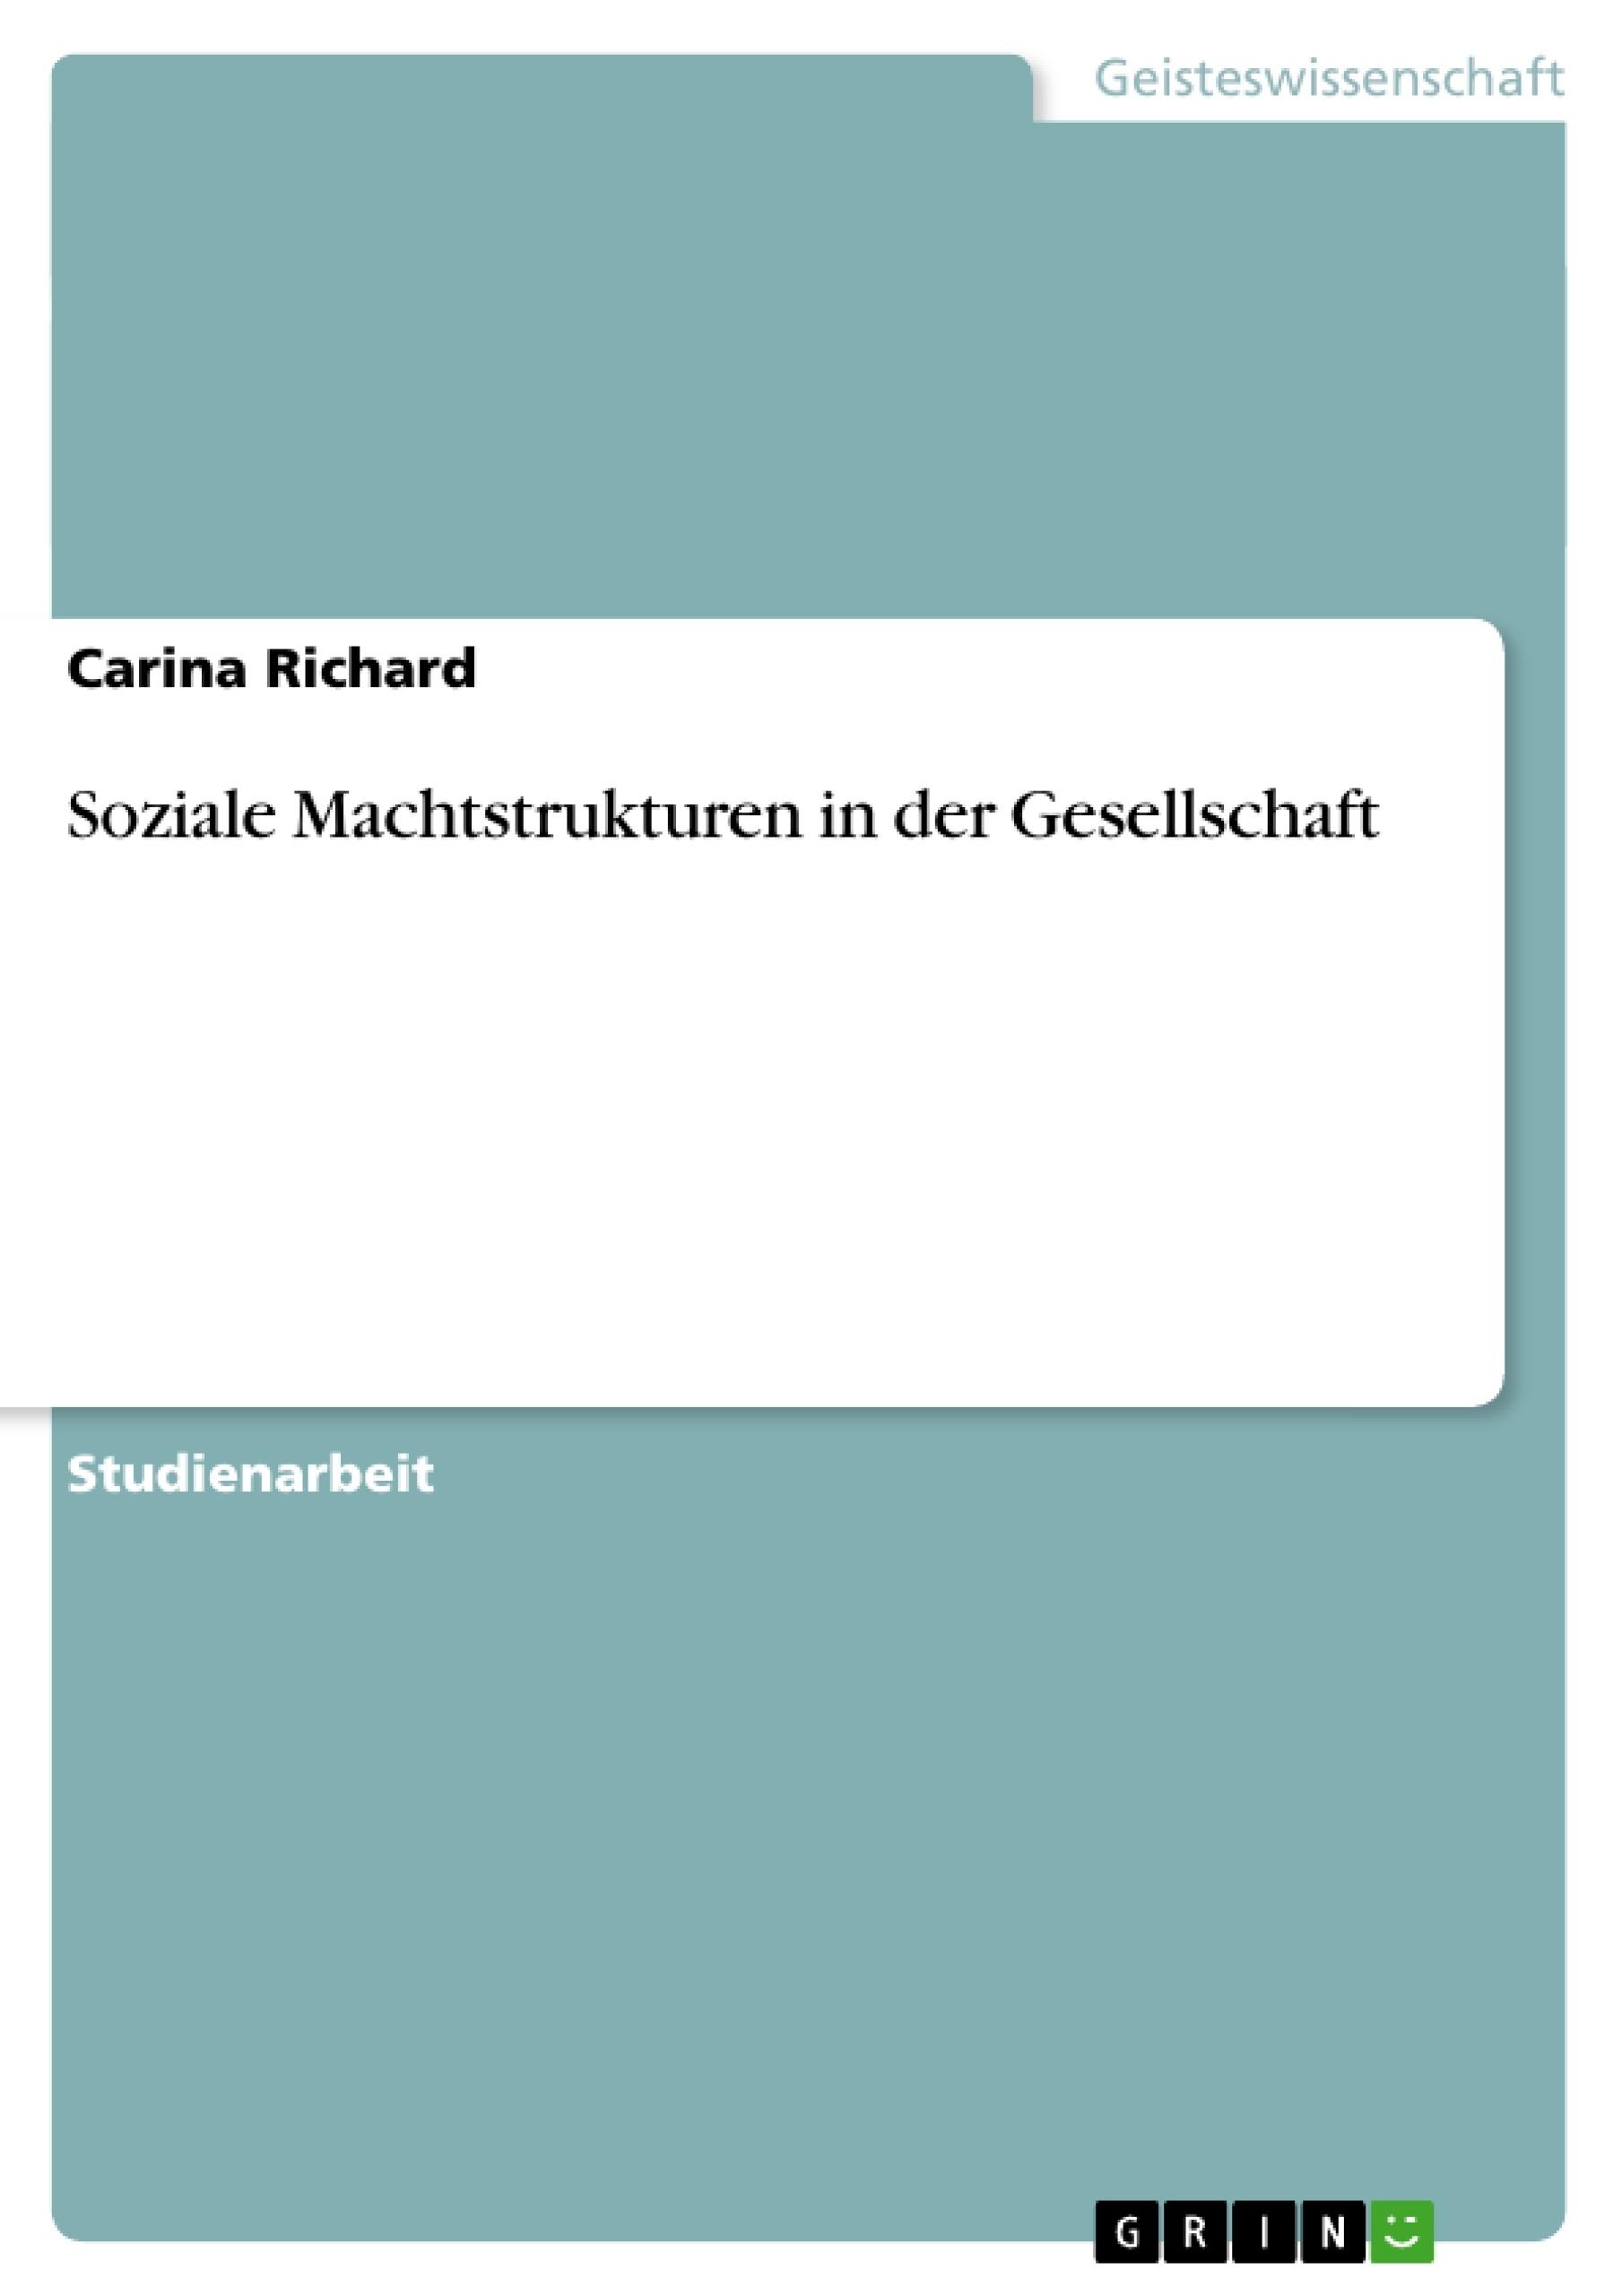 Titel: Soziale Machtstrukturen in der Gesellschaft